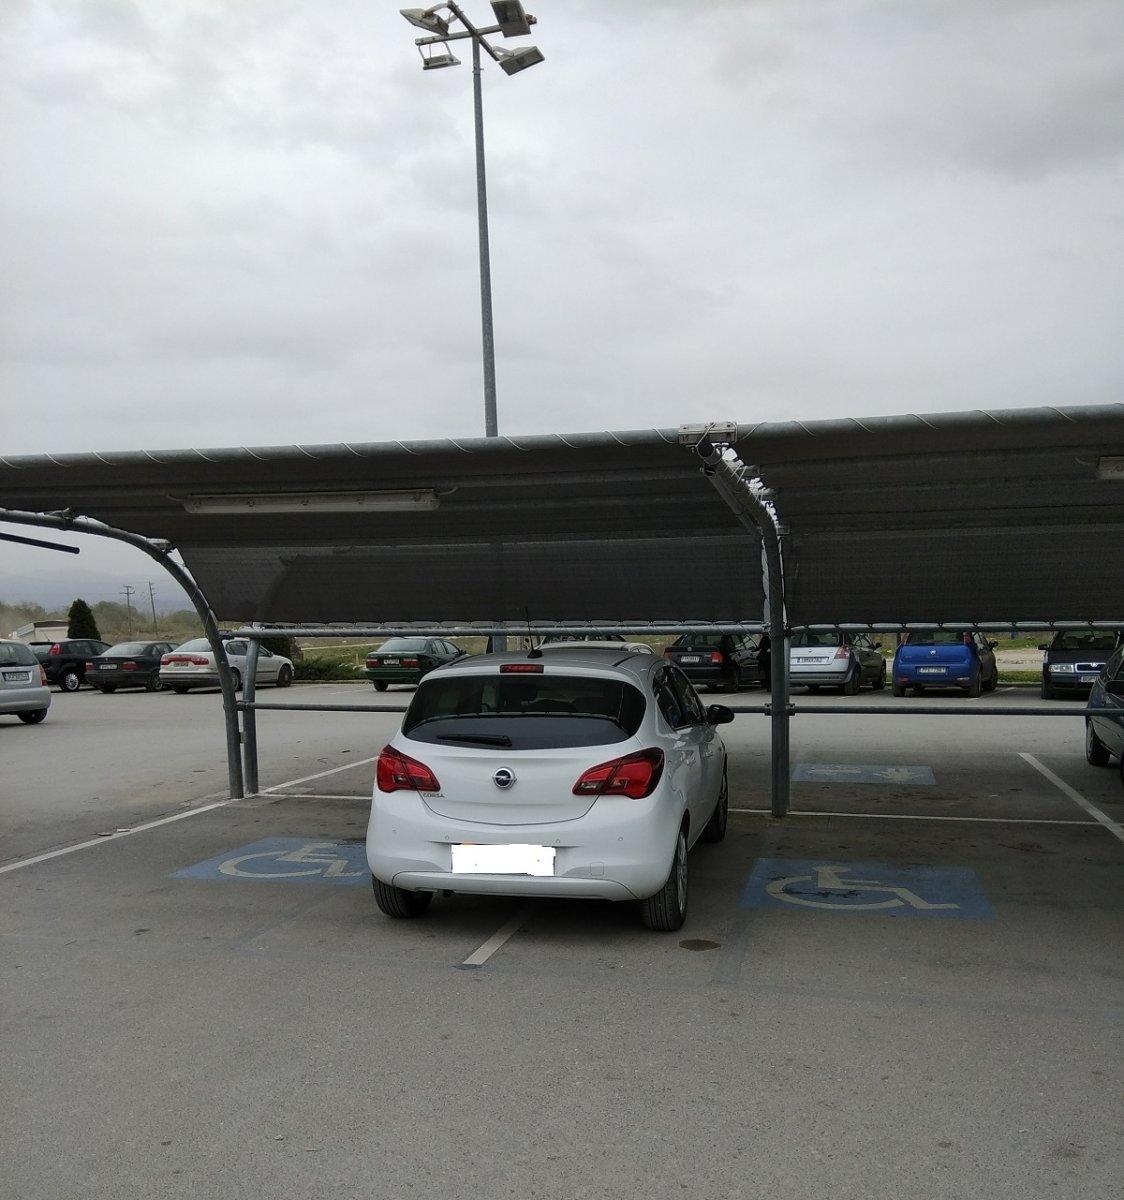 Πέντε επικά καρέ παρκαρίσματος (φωτ.)